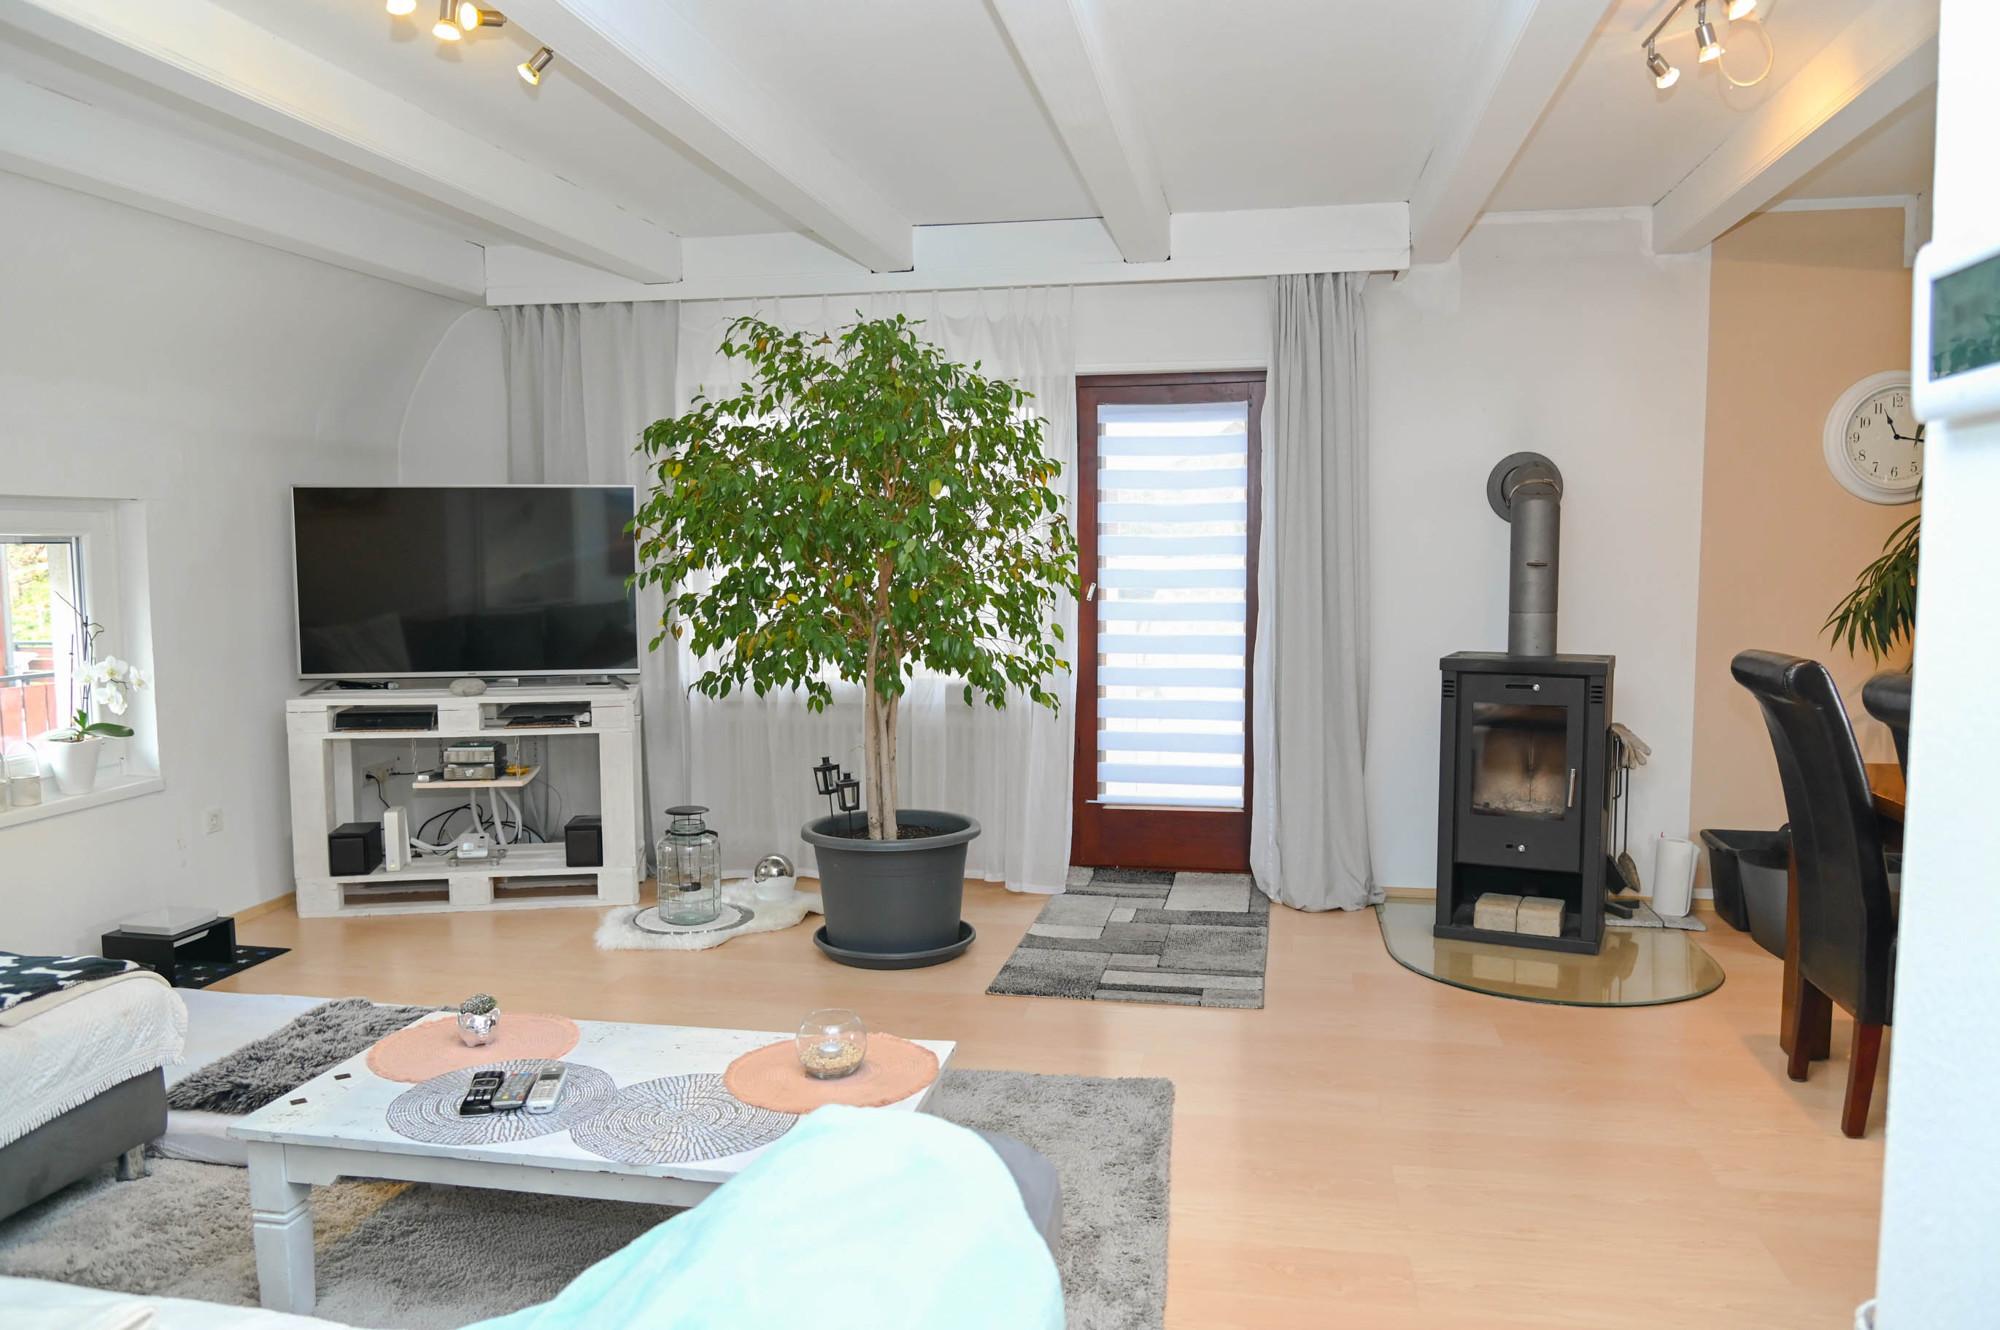 2 Familienhaus mit Dachterrasse, Balkon, 2 Garagen u. schönem Gartengrundstück in Gaggenau-Sulzbach